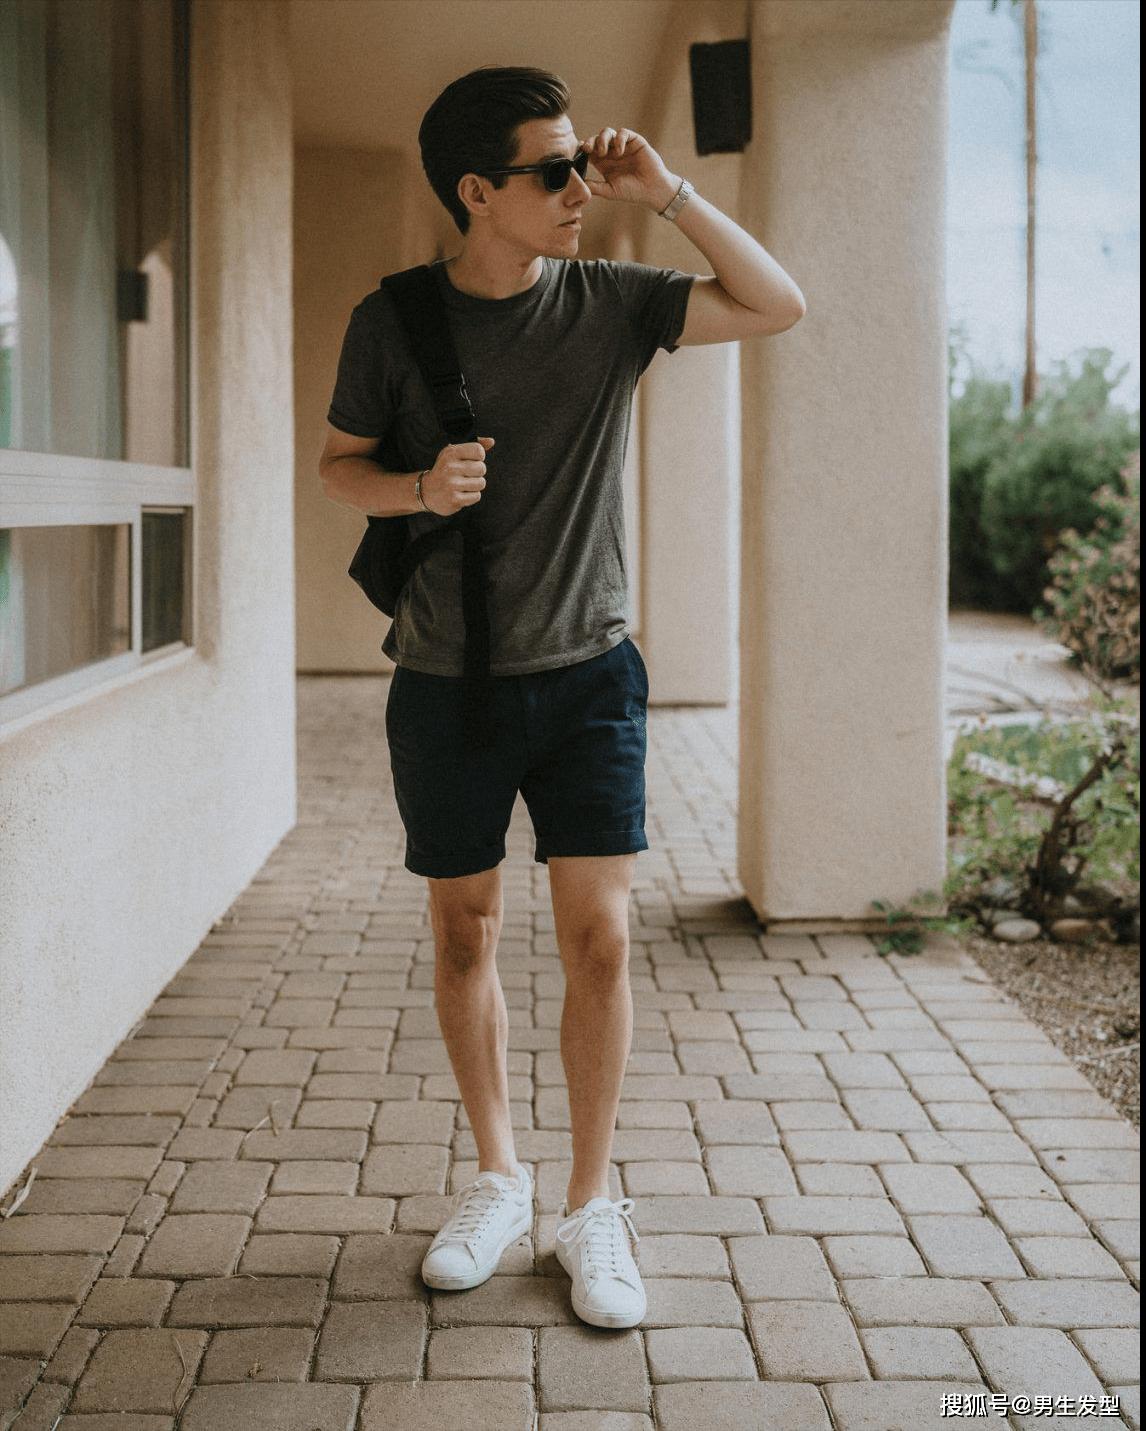 """夏天短裤那么多 还是这条""""四分裤""""时髦百搭 这样穿更显魅力 爸爸 第8张"""